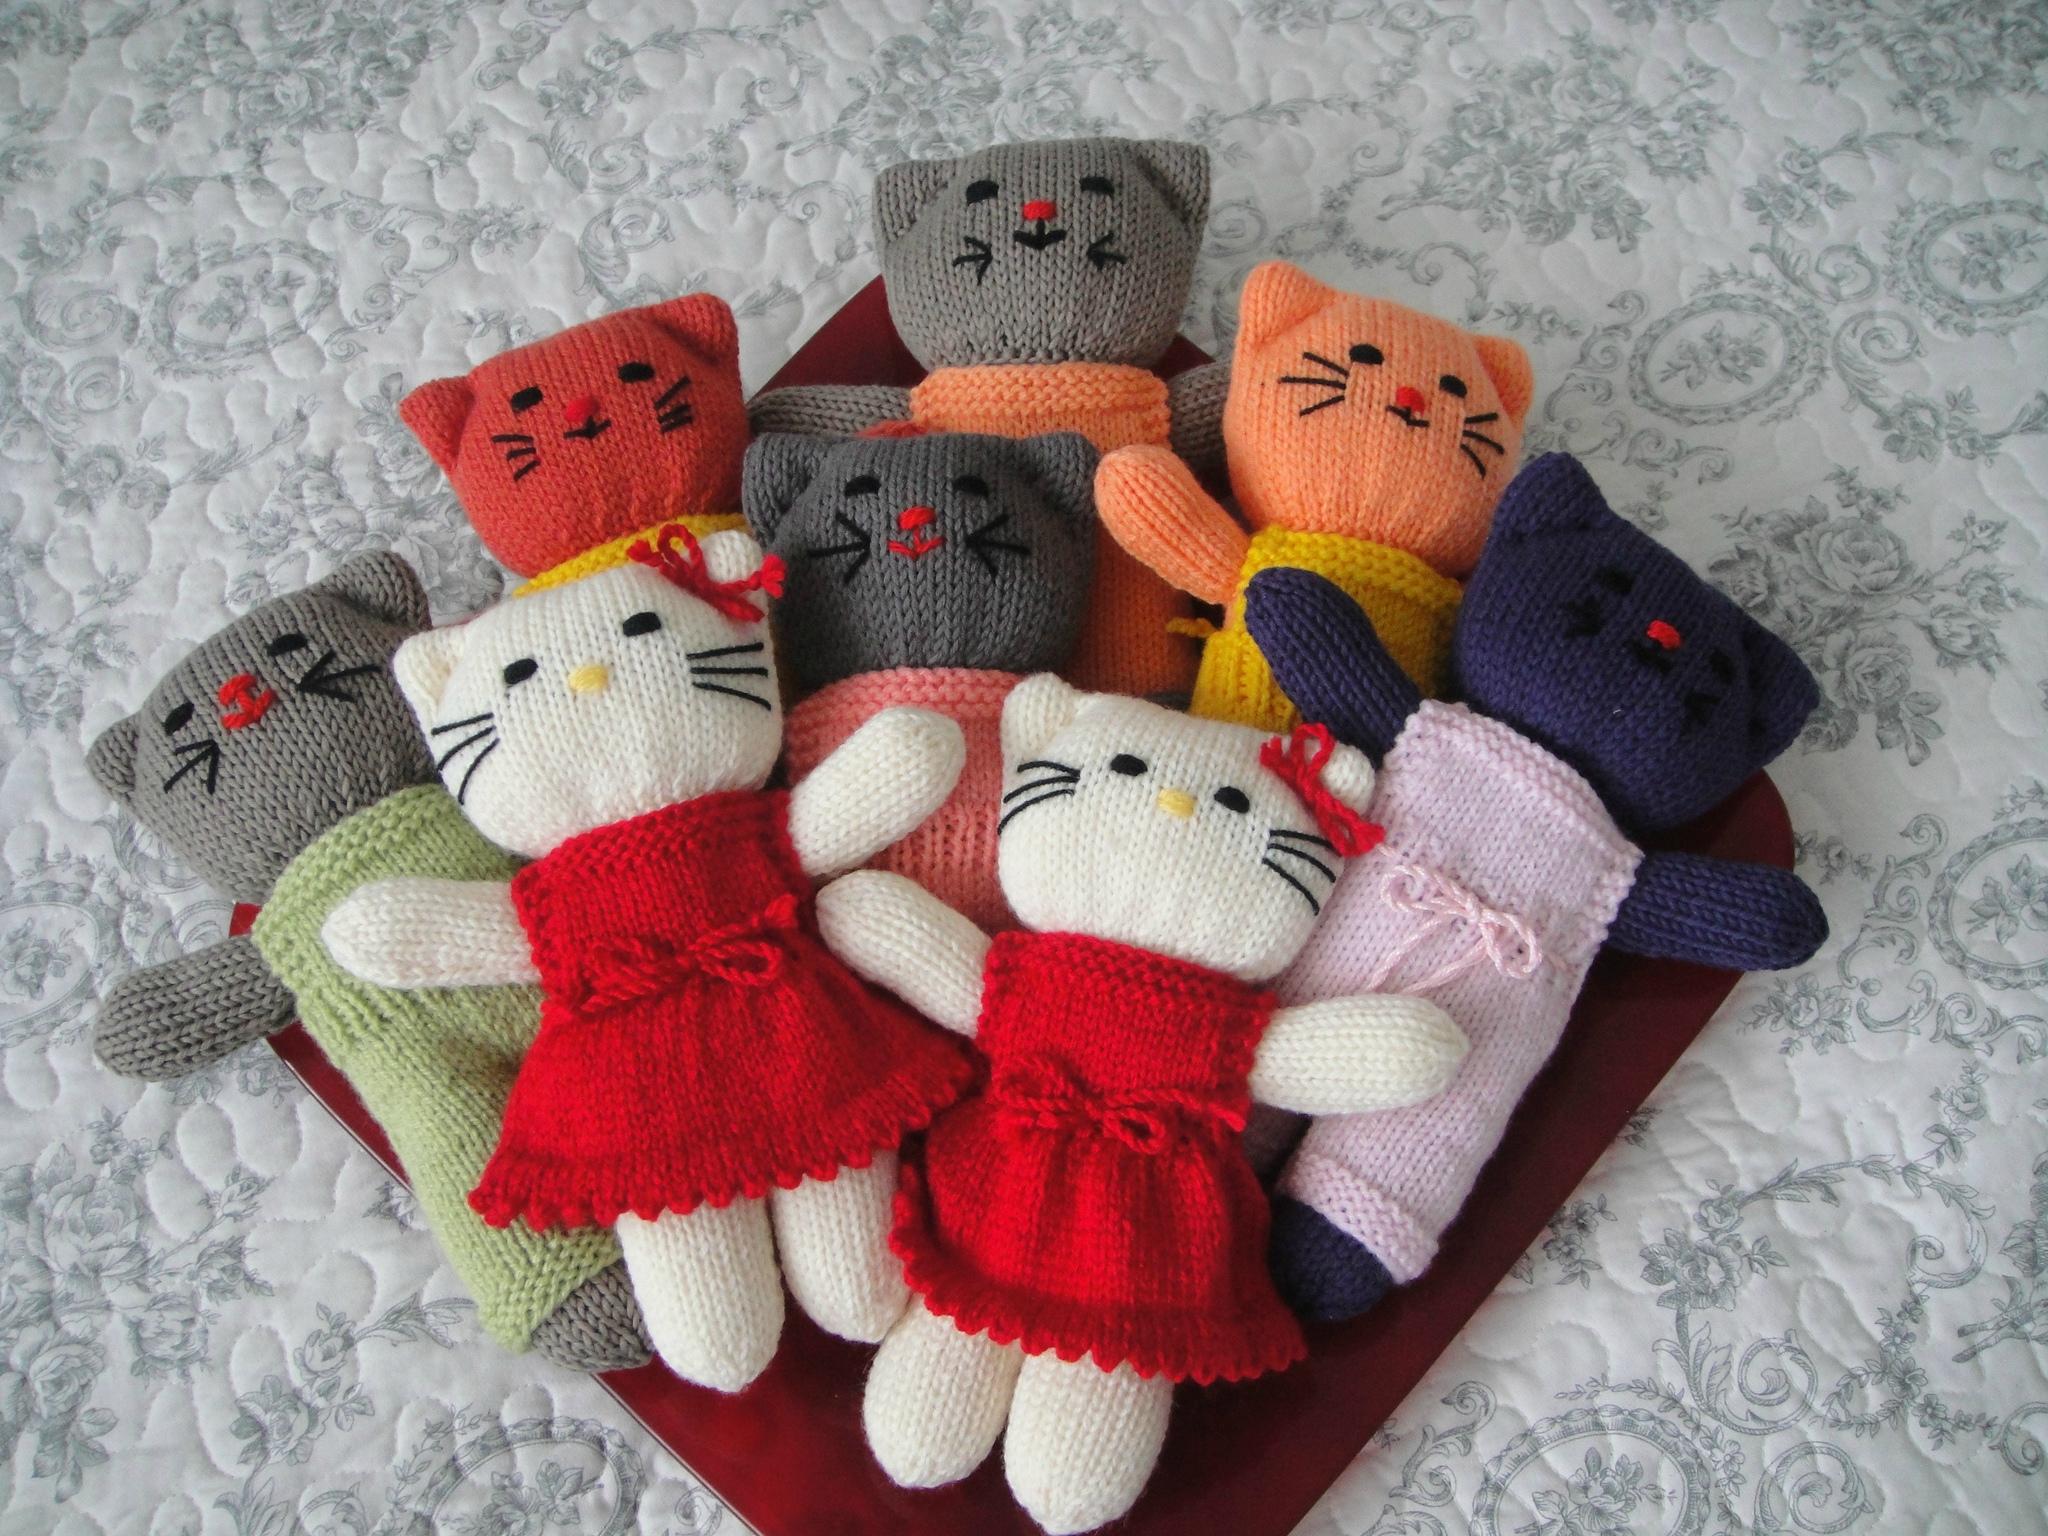 Doudous et Jouets au crochet - Passion-Crochet